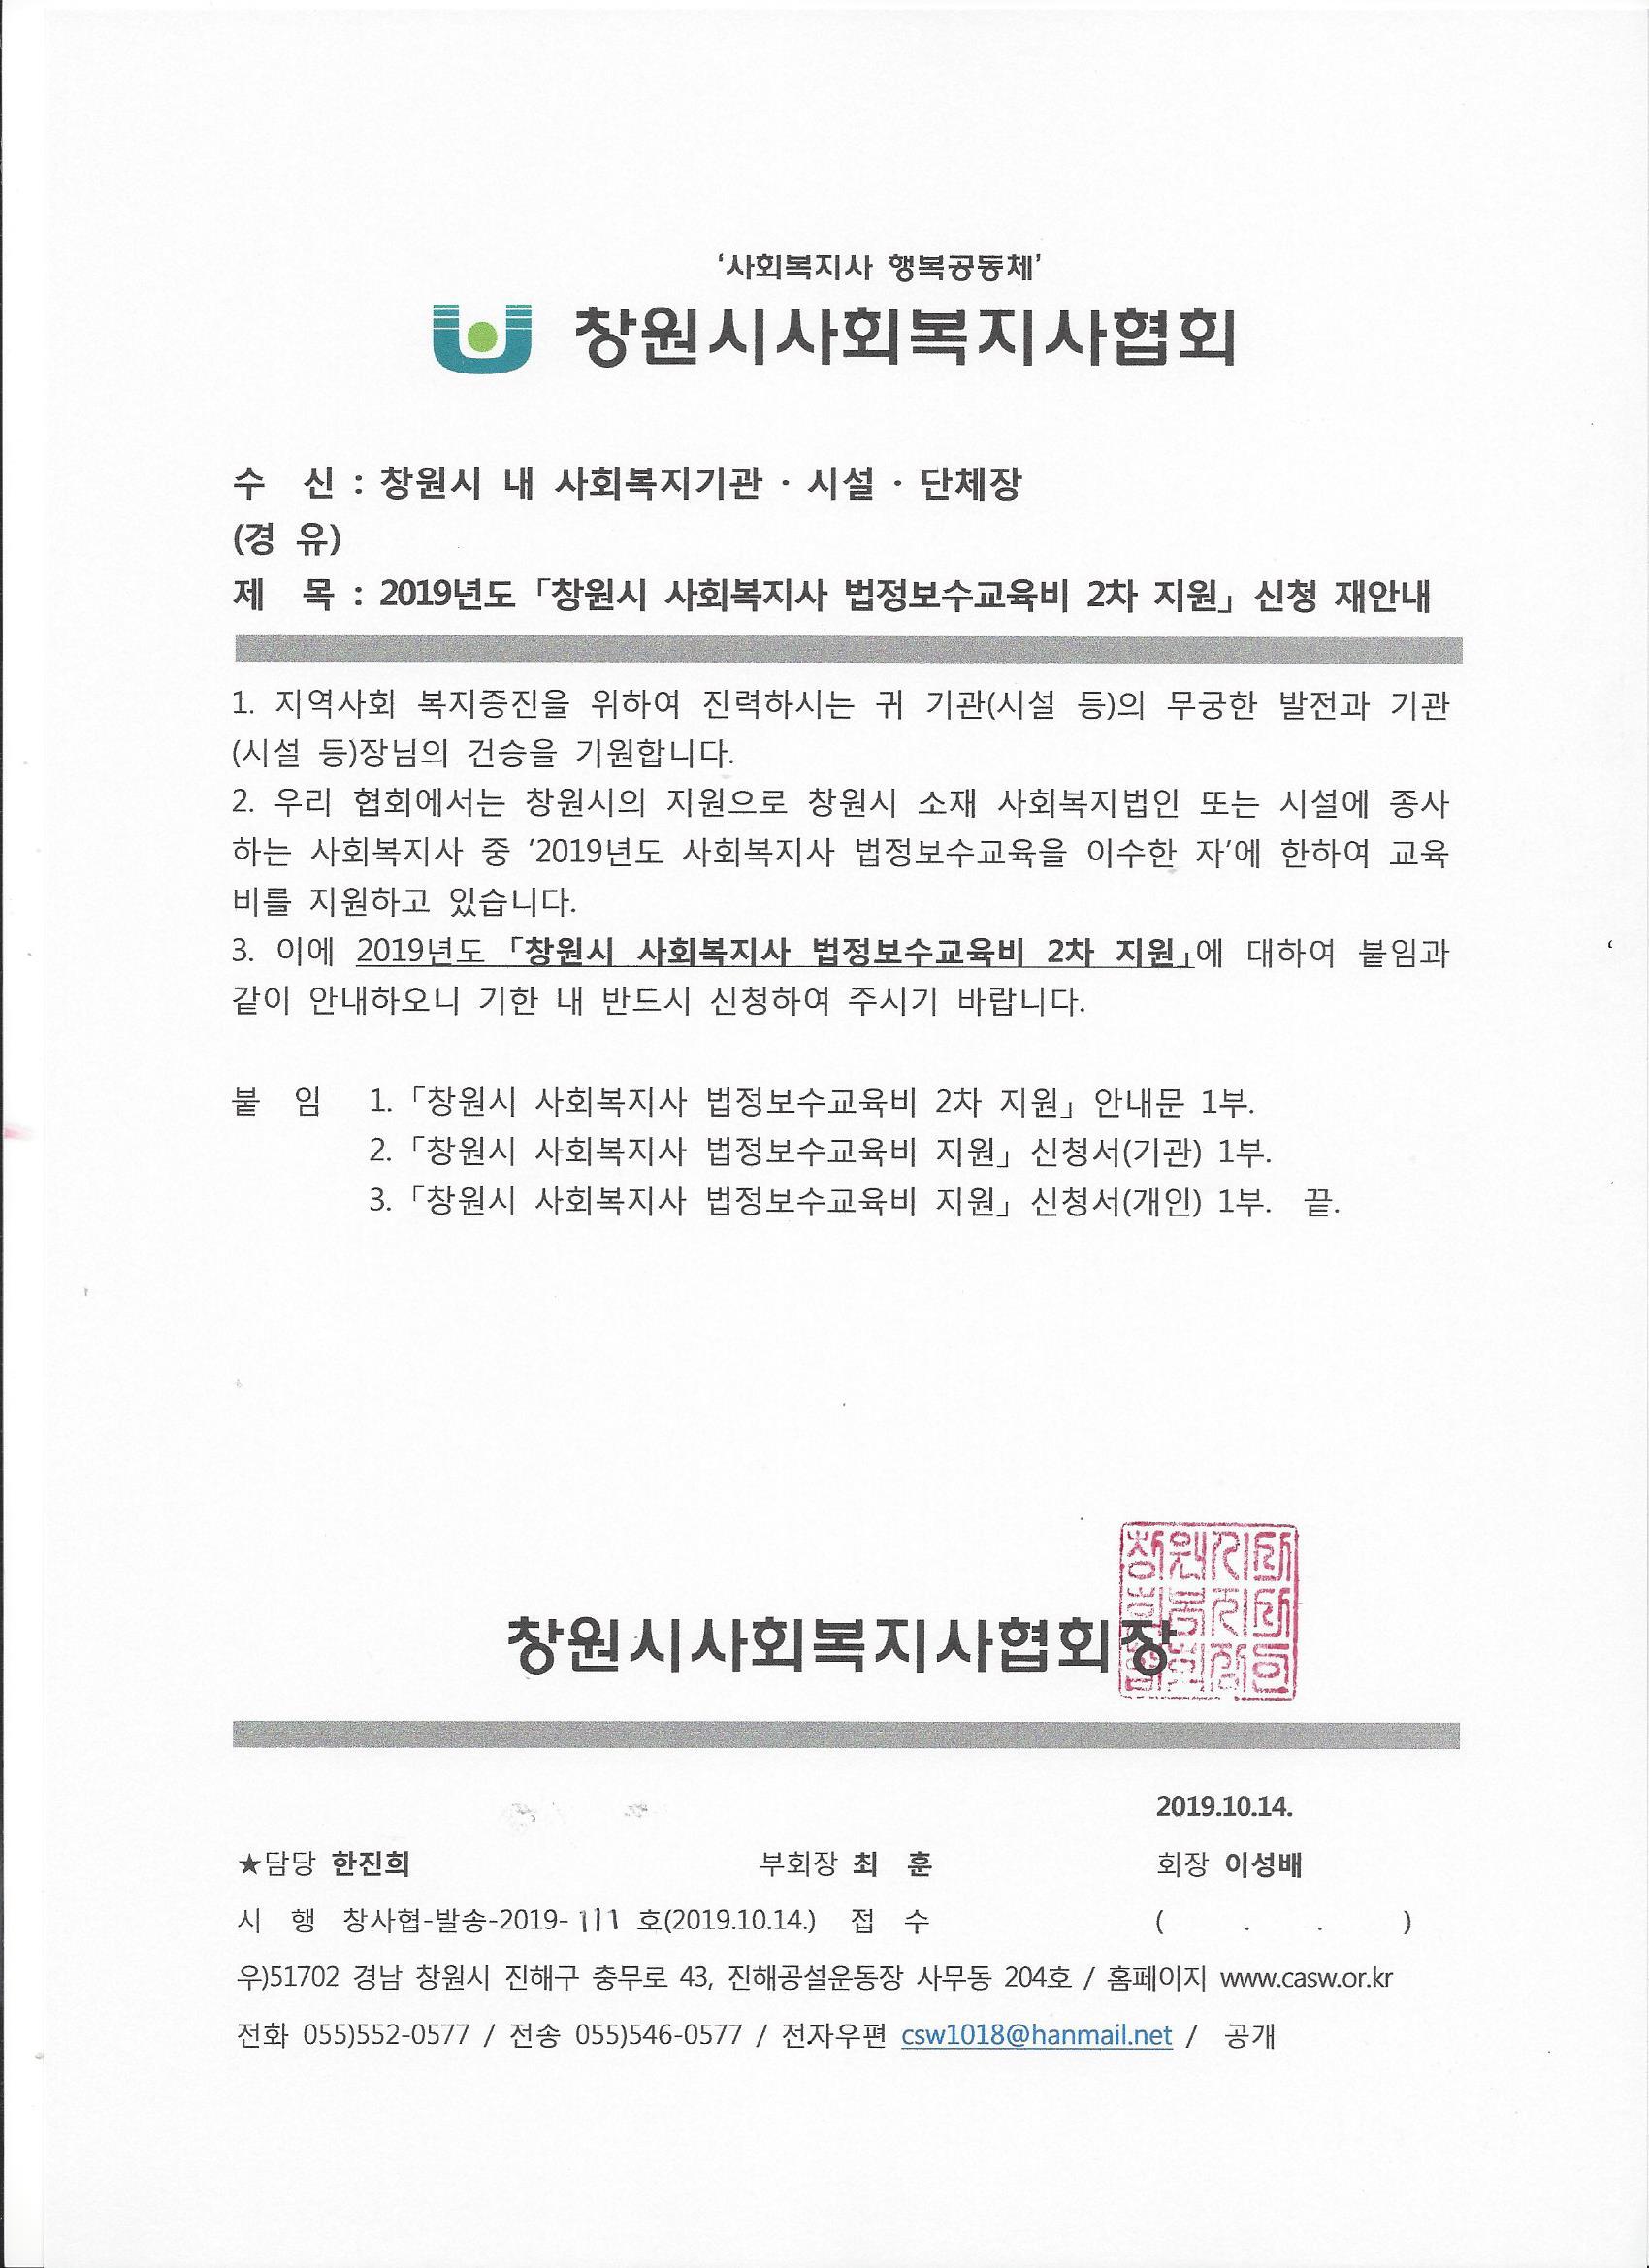 공문-보수교육비 2차 지원 재안내.jpg